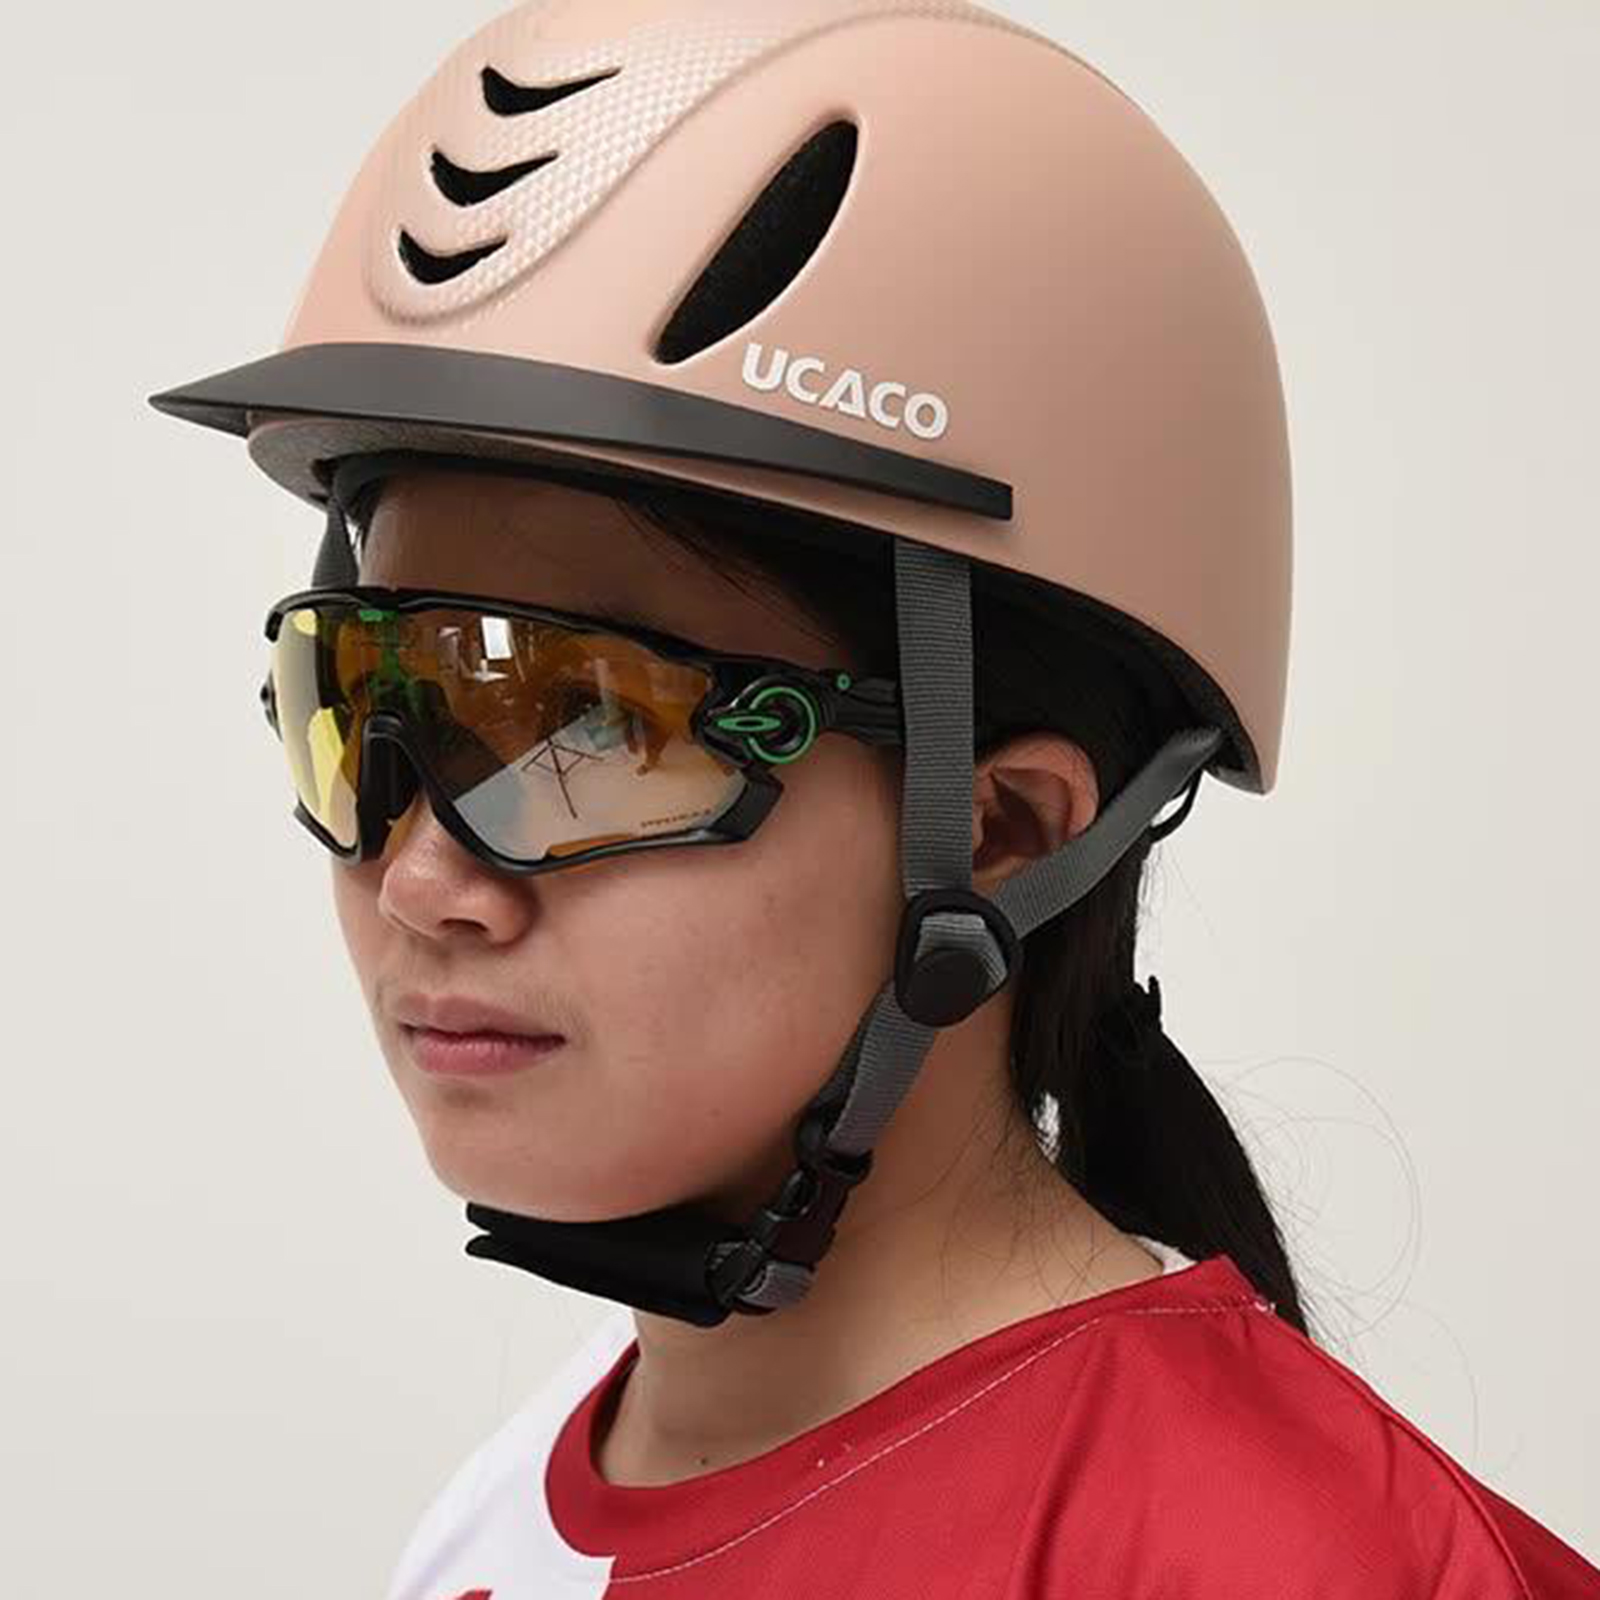 Sport Starter Equestrian Helmet Horse Riding Helmet for over 13 years Old Equipment For Horse Rider